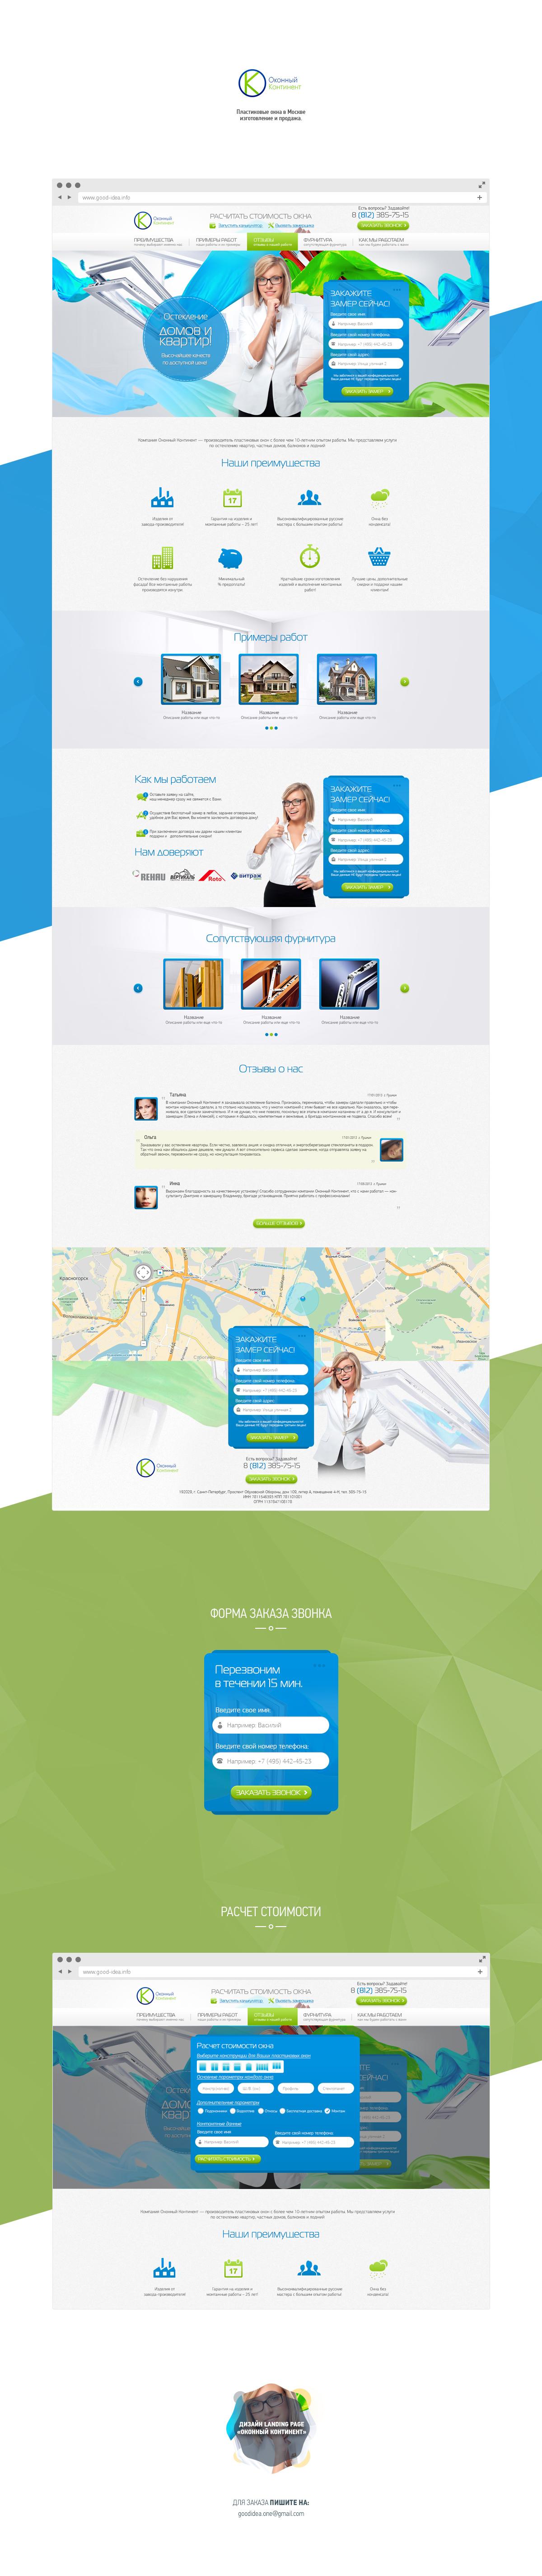 """Дизайн Landing Page """"Оконный Континент"""" 2015 год"""